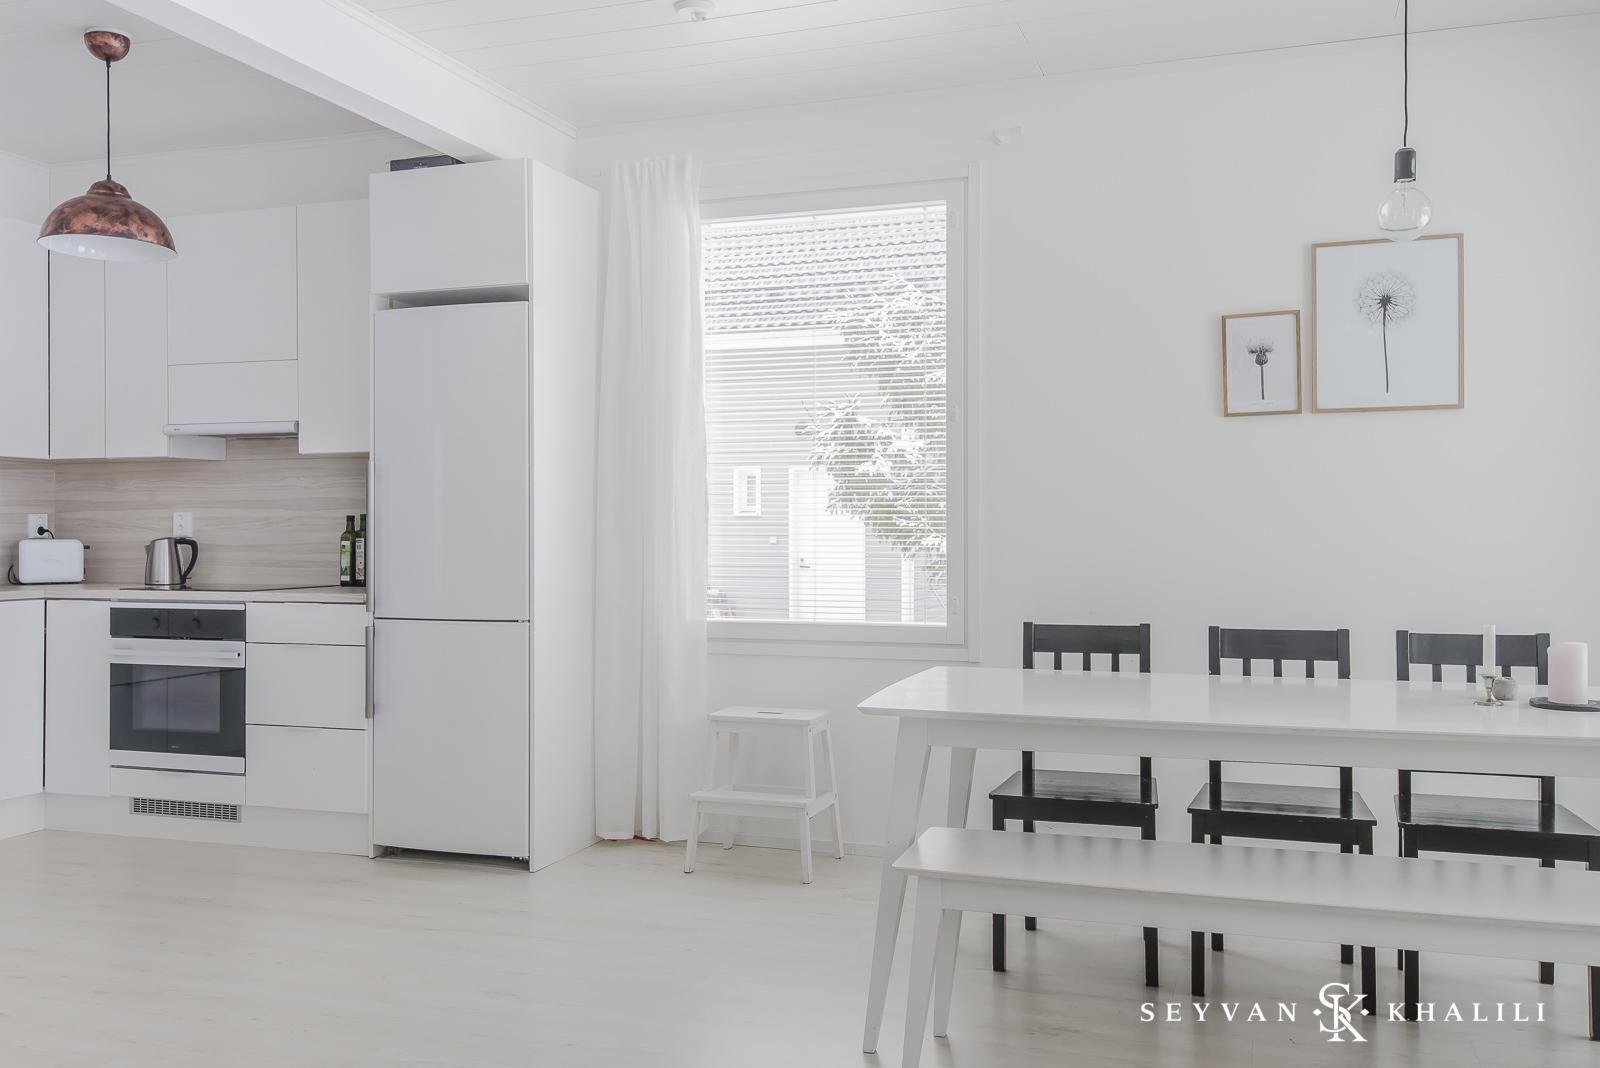 Myydään Paritalo 3 huonetta - Vantaa Matari Pohjantähdentie 20 - Etuovi.com 9913105